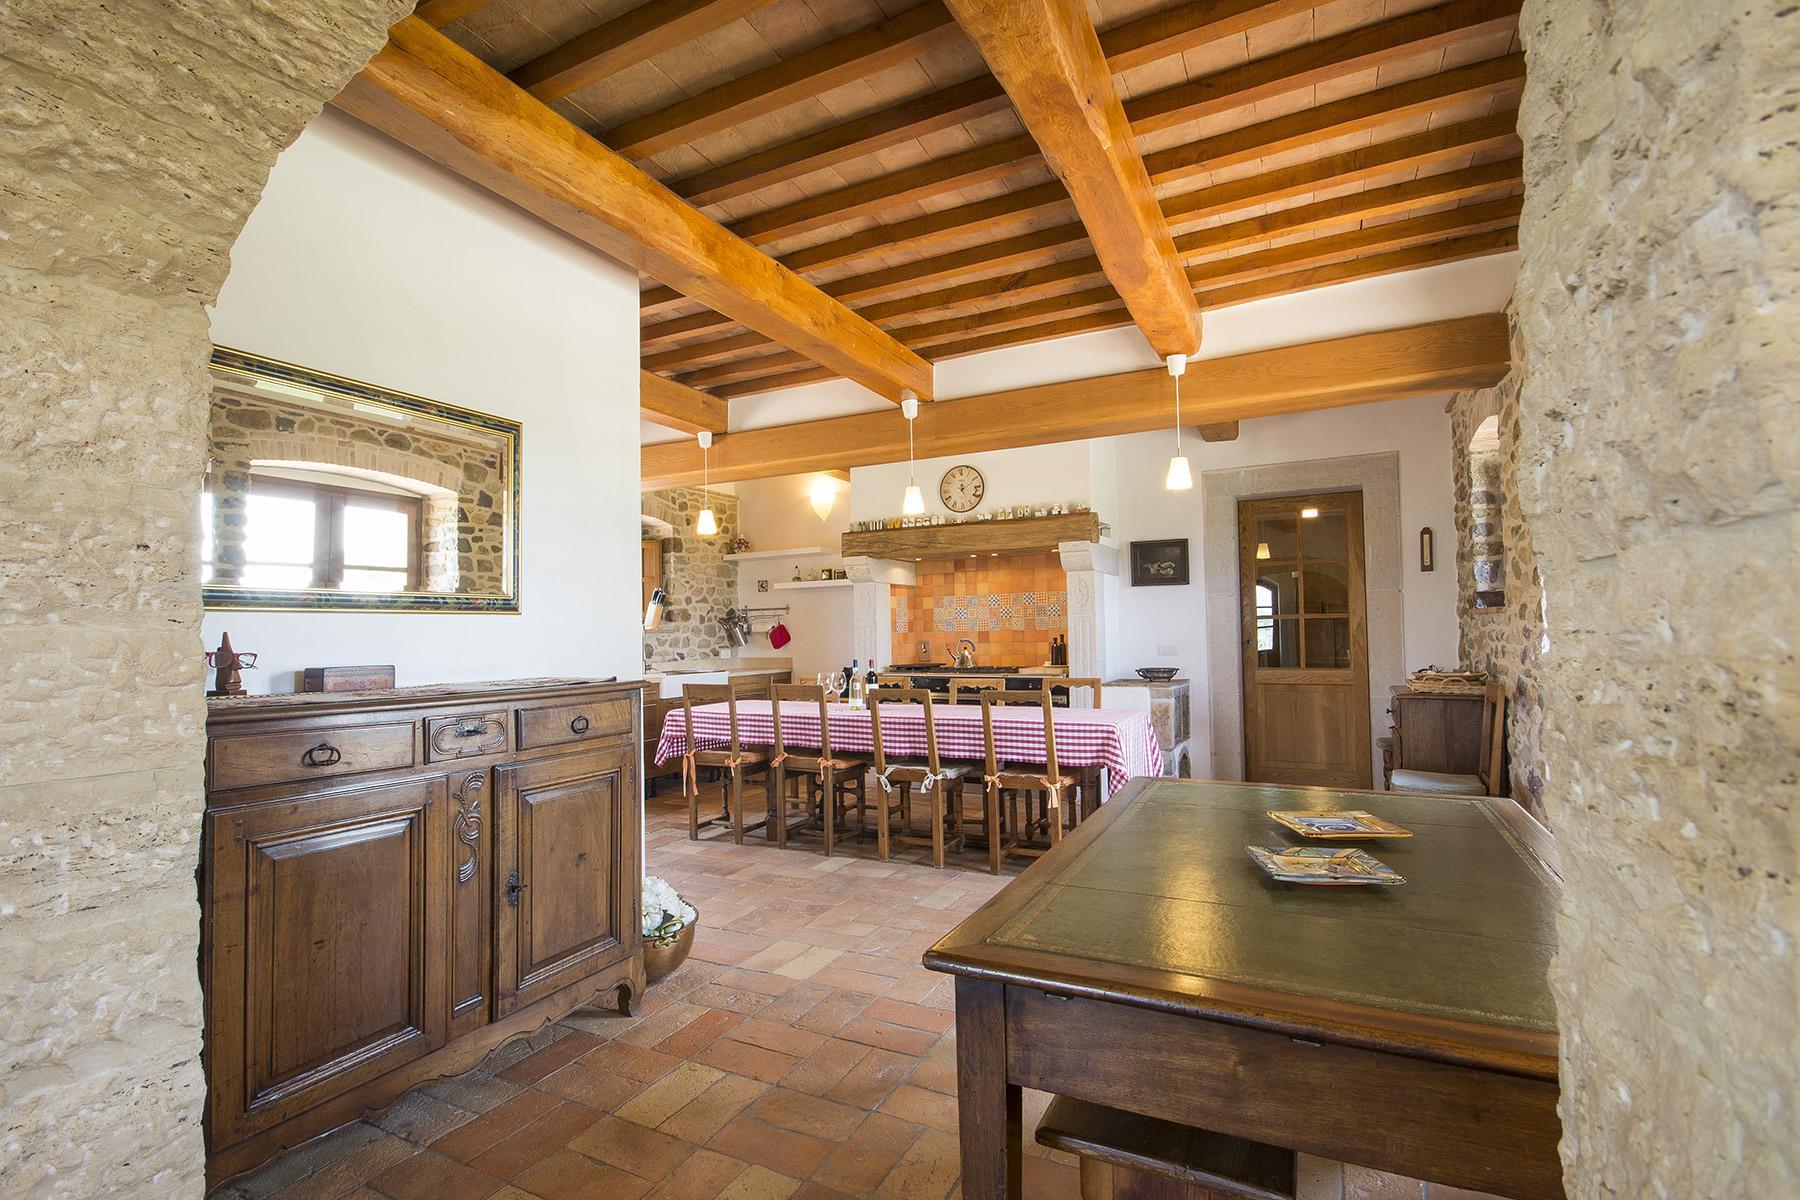 Исключительная собственность между Тосканой и Умбрией - 12